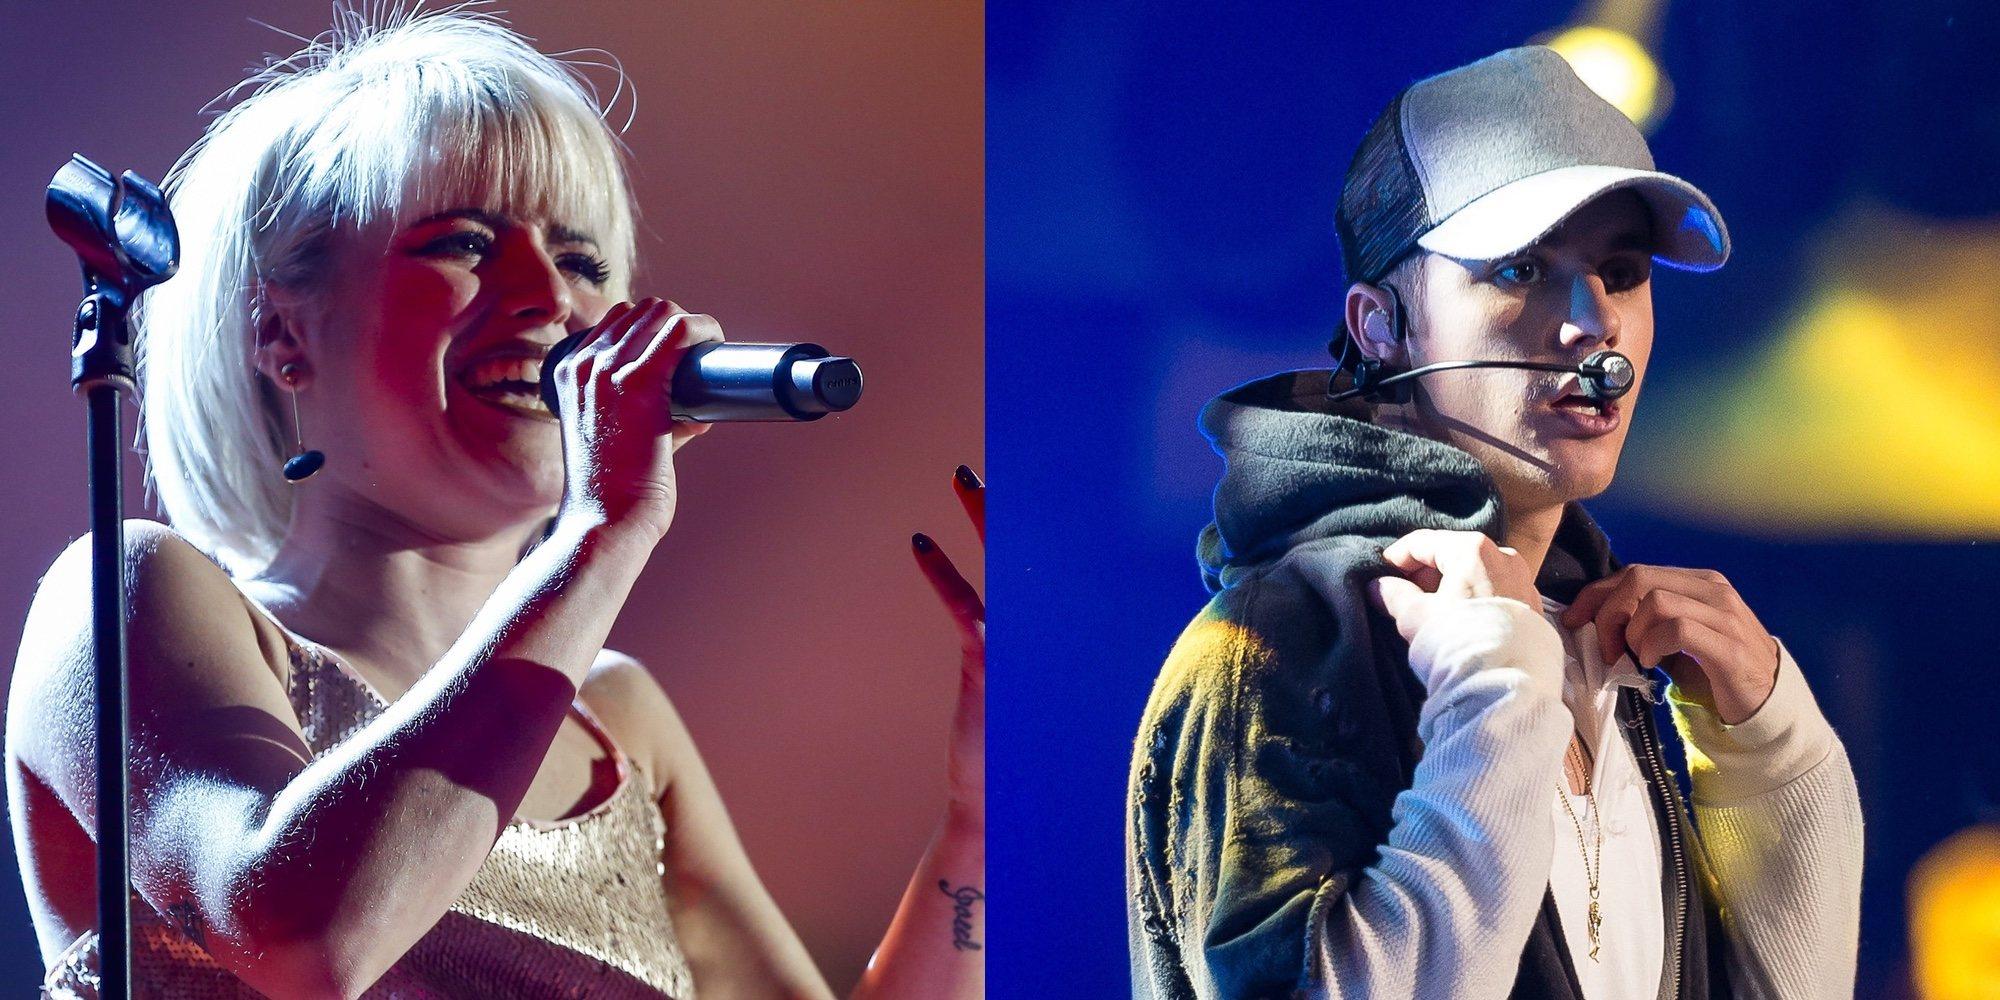 Alba Reche, Niall Horan y Justin Bieber encabezan las novedades musicales de la semana